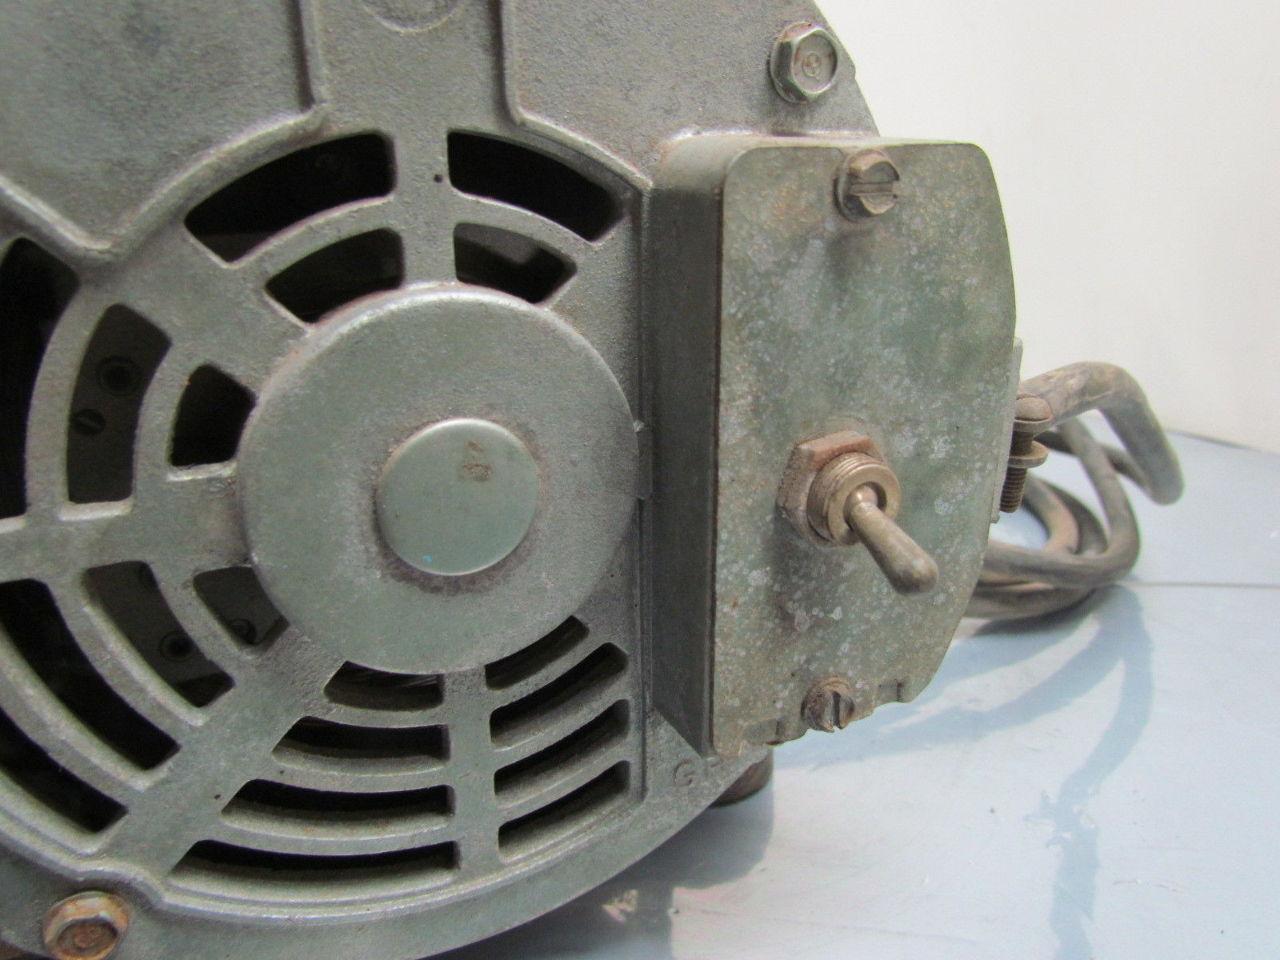 Doerr lr22132 wiring diagram 240v 33 wiring diagram for Doerr emerson electric compressor motor lr22132